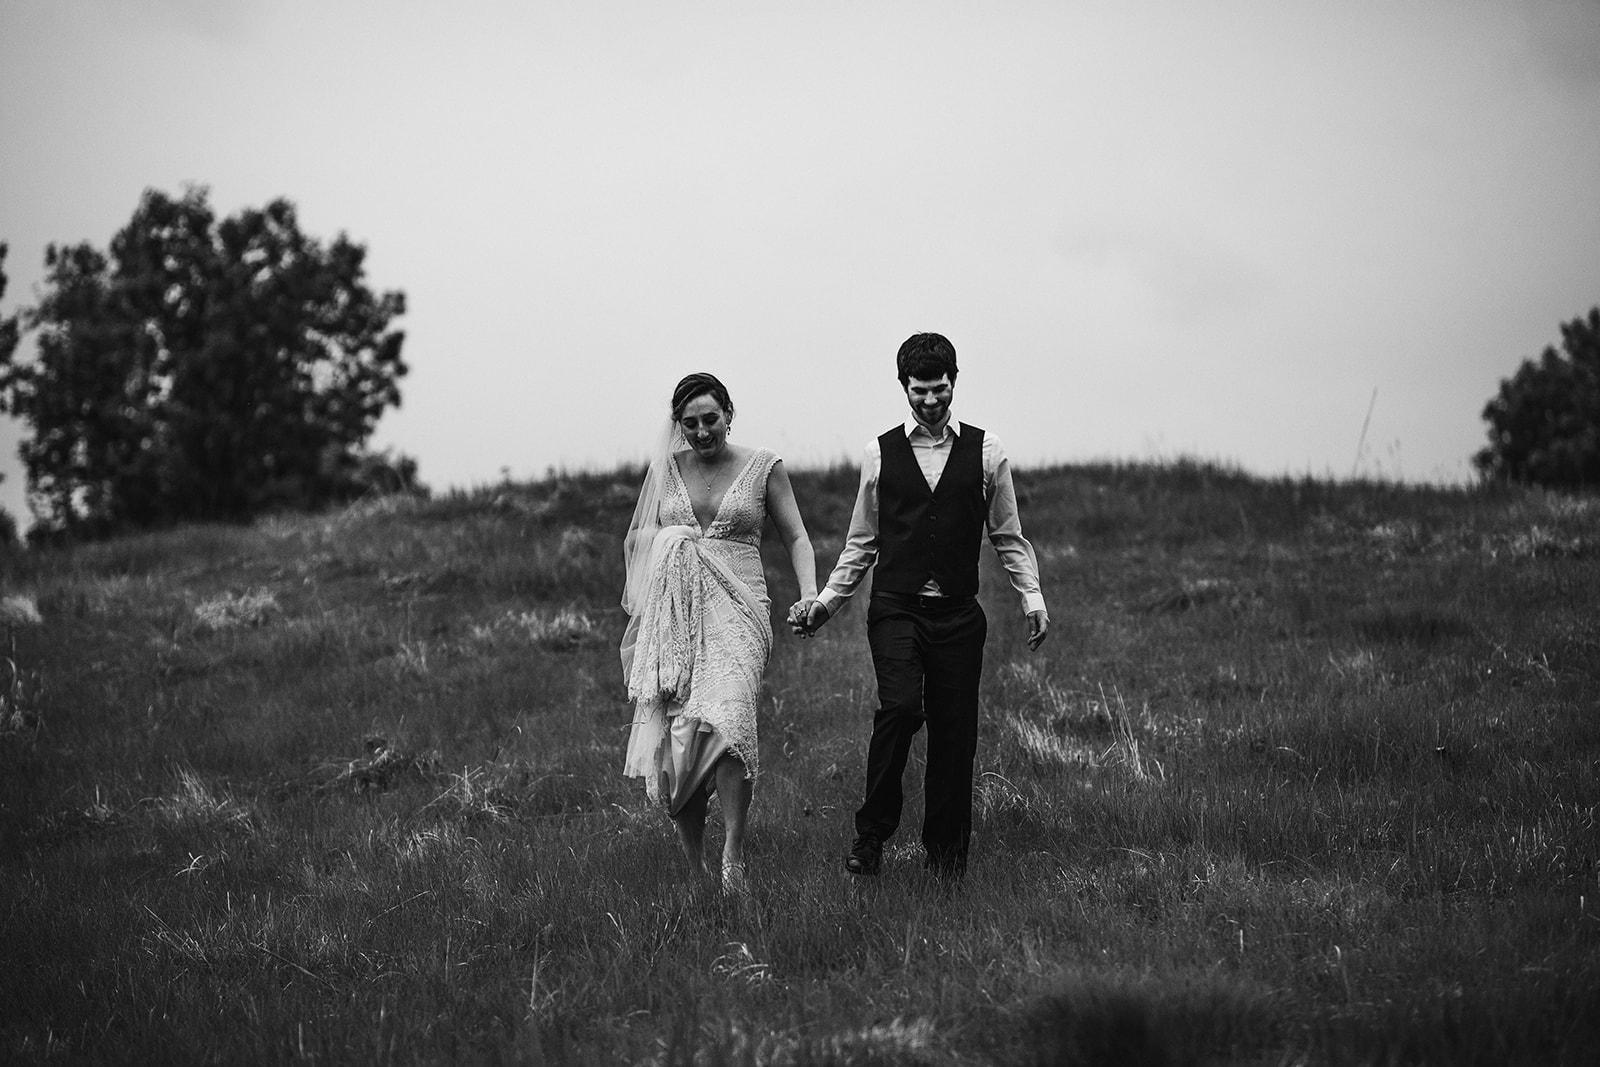 2019-06-01-00-Lindsey+Mat-04_Couples_Portraits-meandhimphoto-0114-K5D45356.jpg